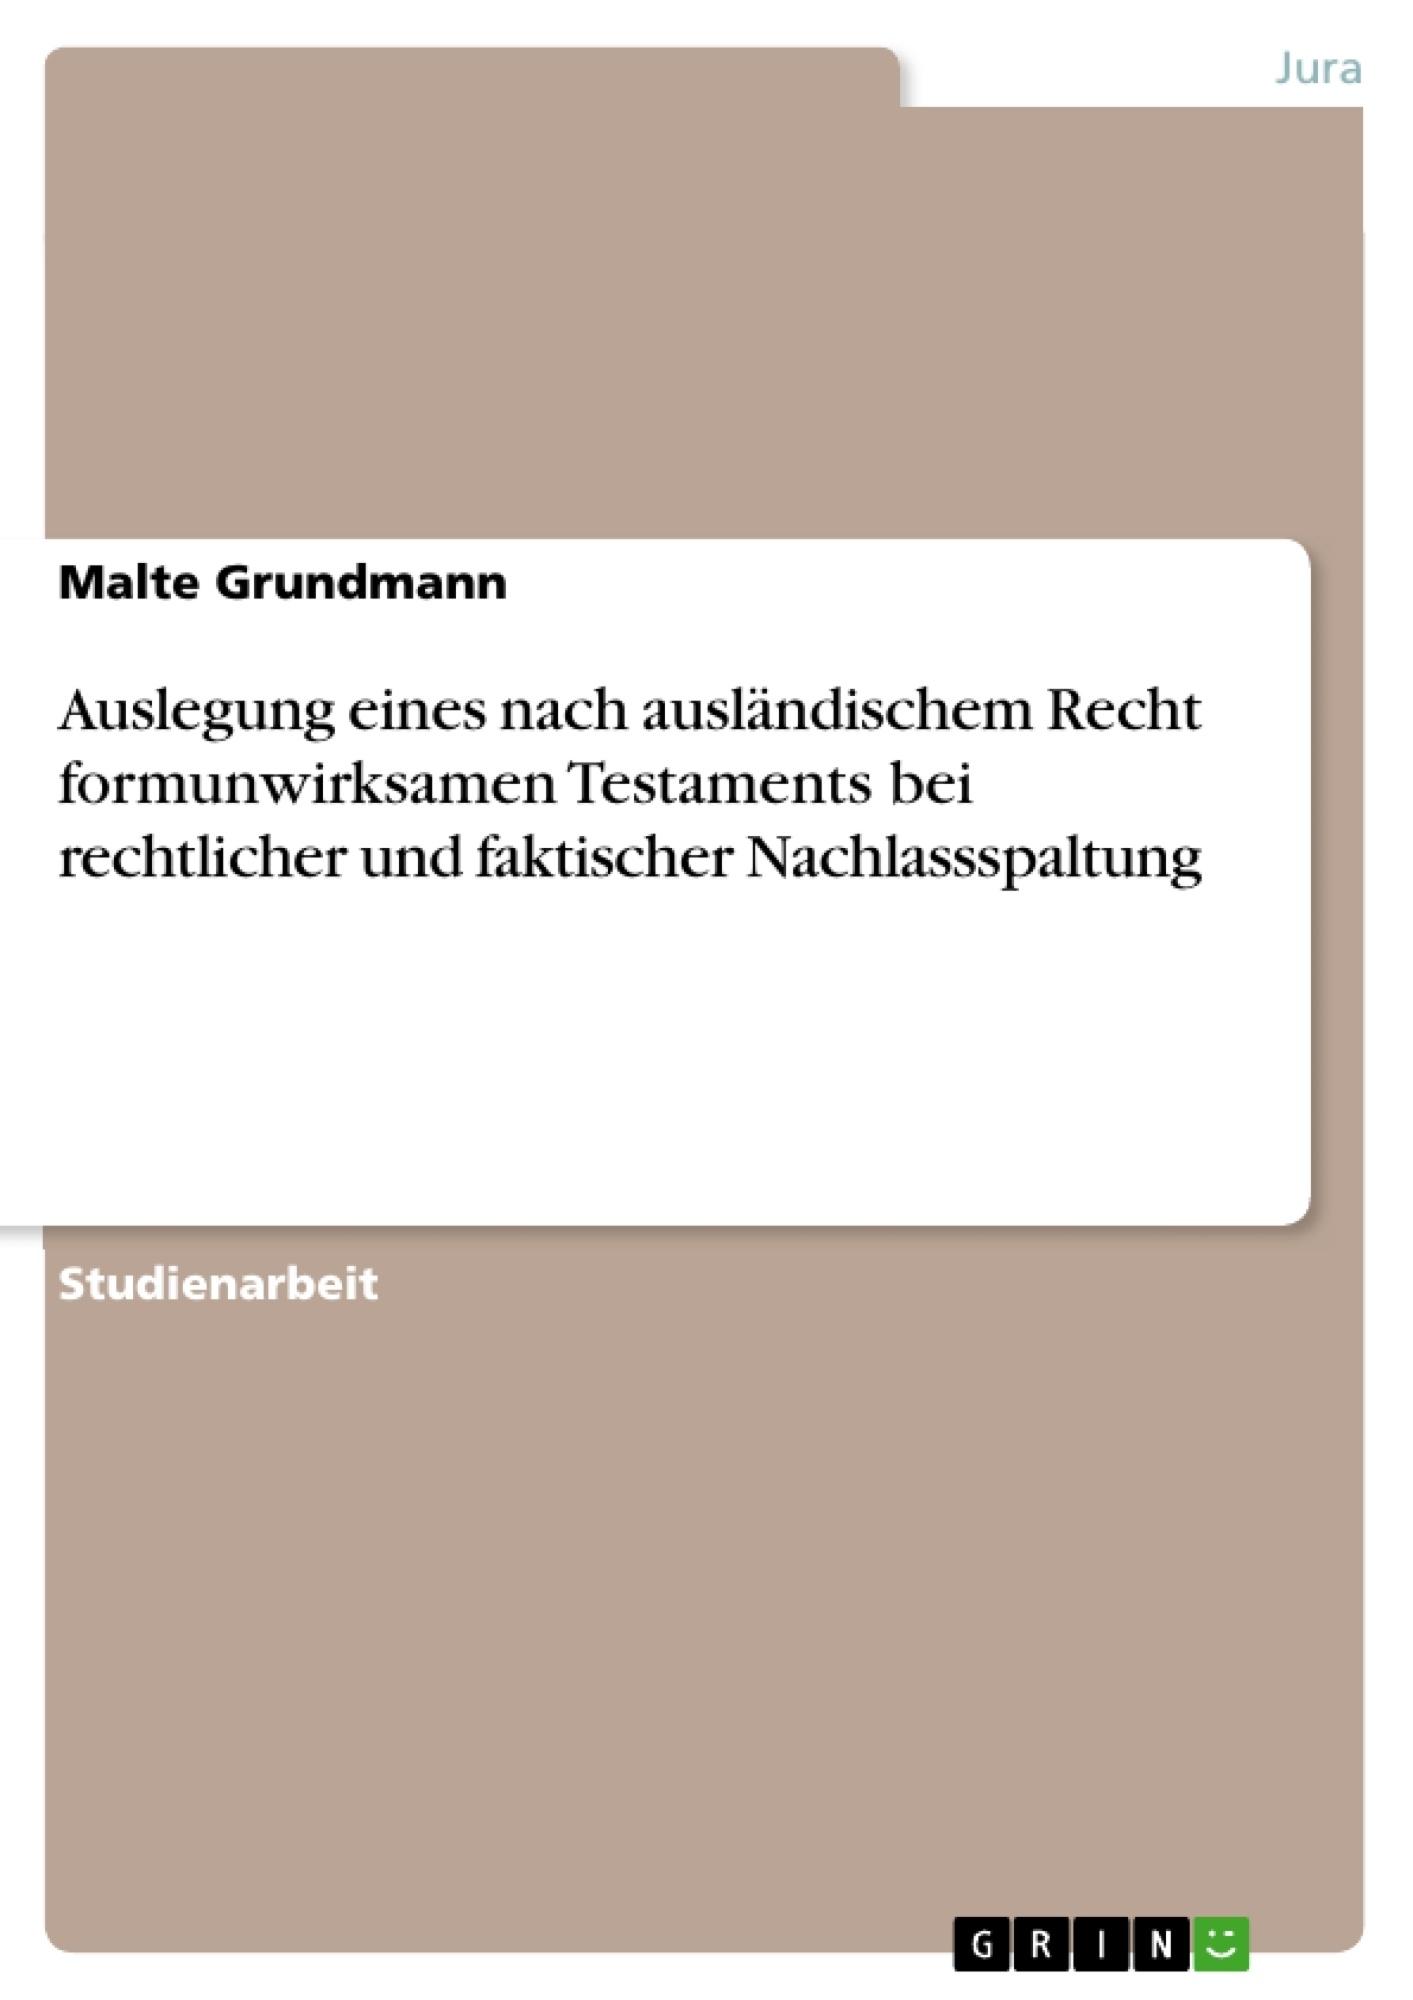 Titel: Auslegung eines nach ausländischem Recht formunwirksamen Testaments bei rechtlicher und faktischer Nachlassspaltung